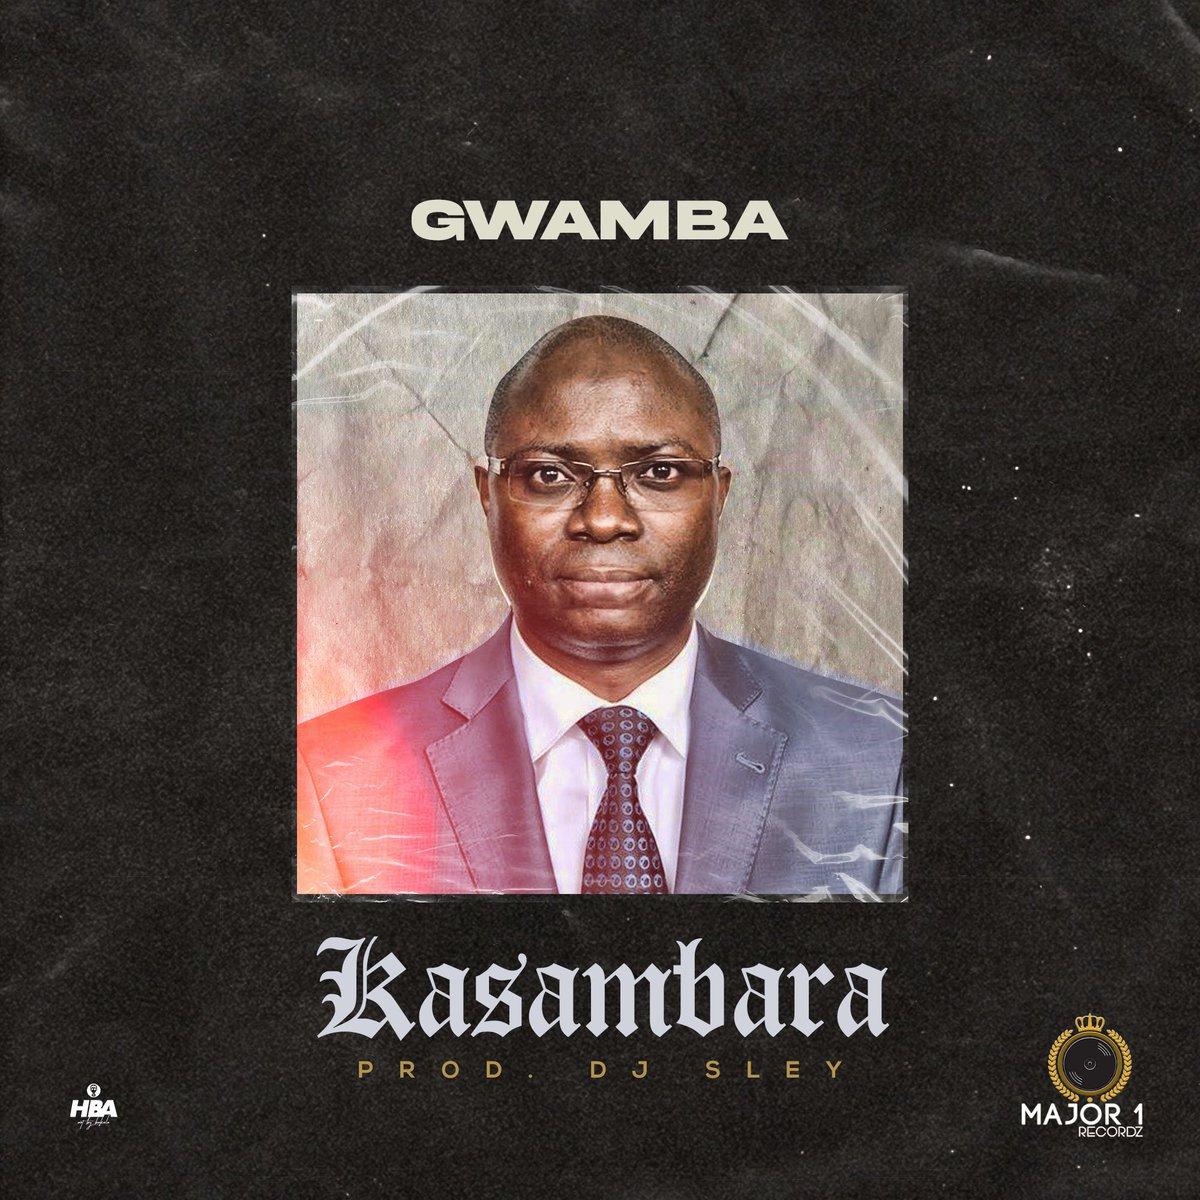 At 8pm tonight, Gwamba - KASAMBARA DROPS!!!!